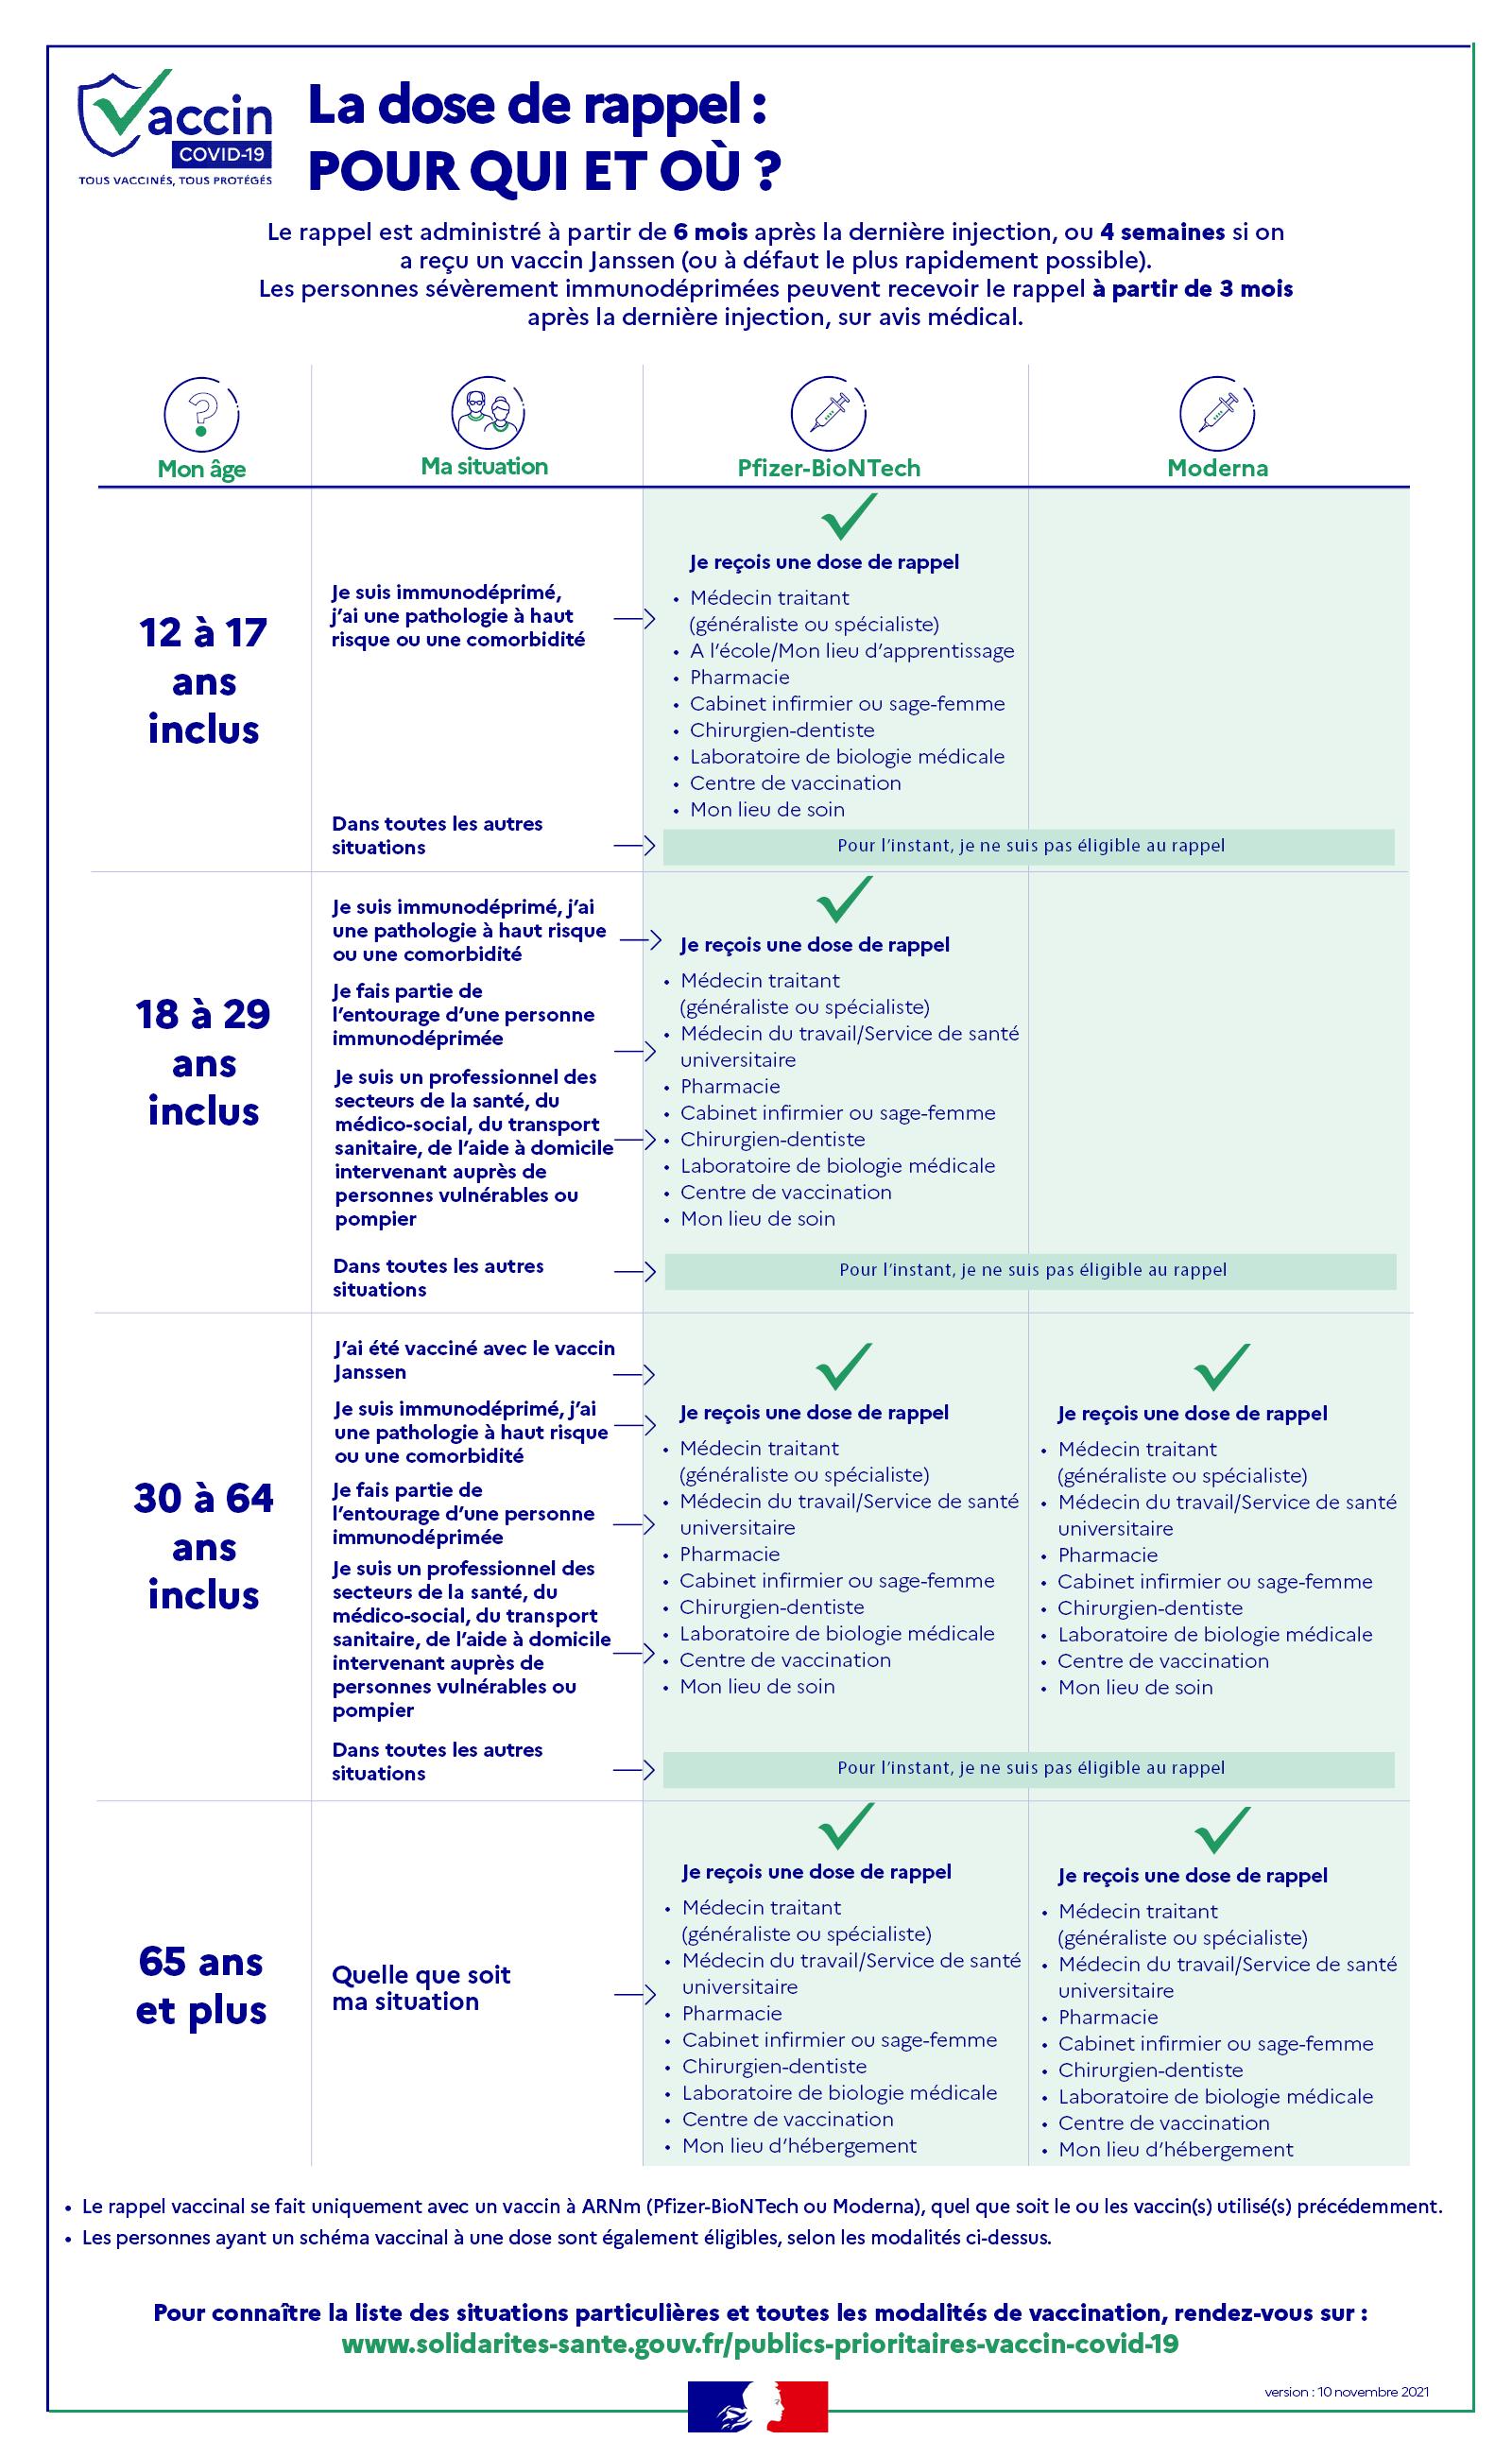 infog-vaccin-dose-rappel-covid19.png